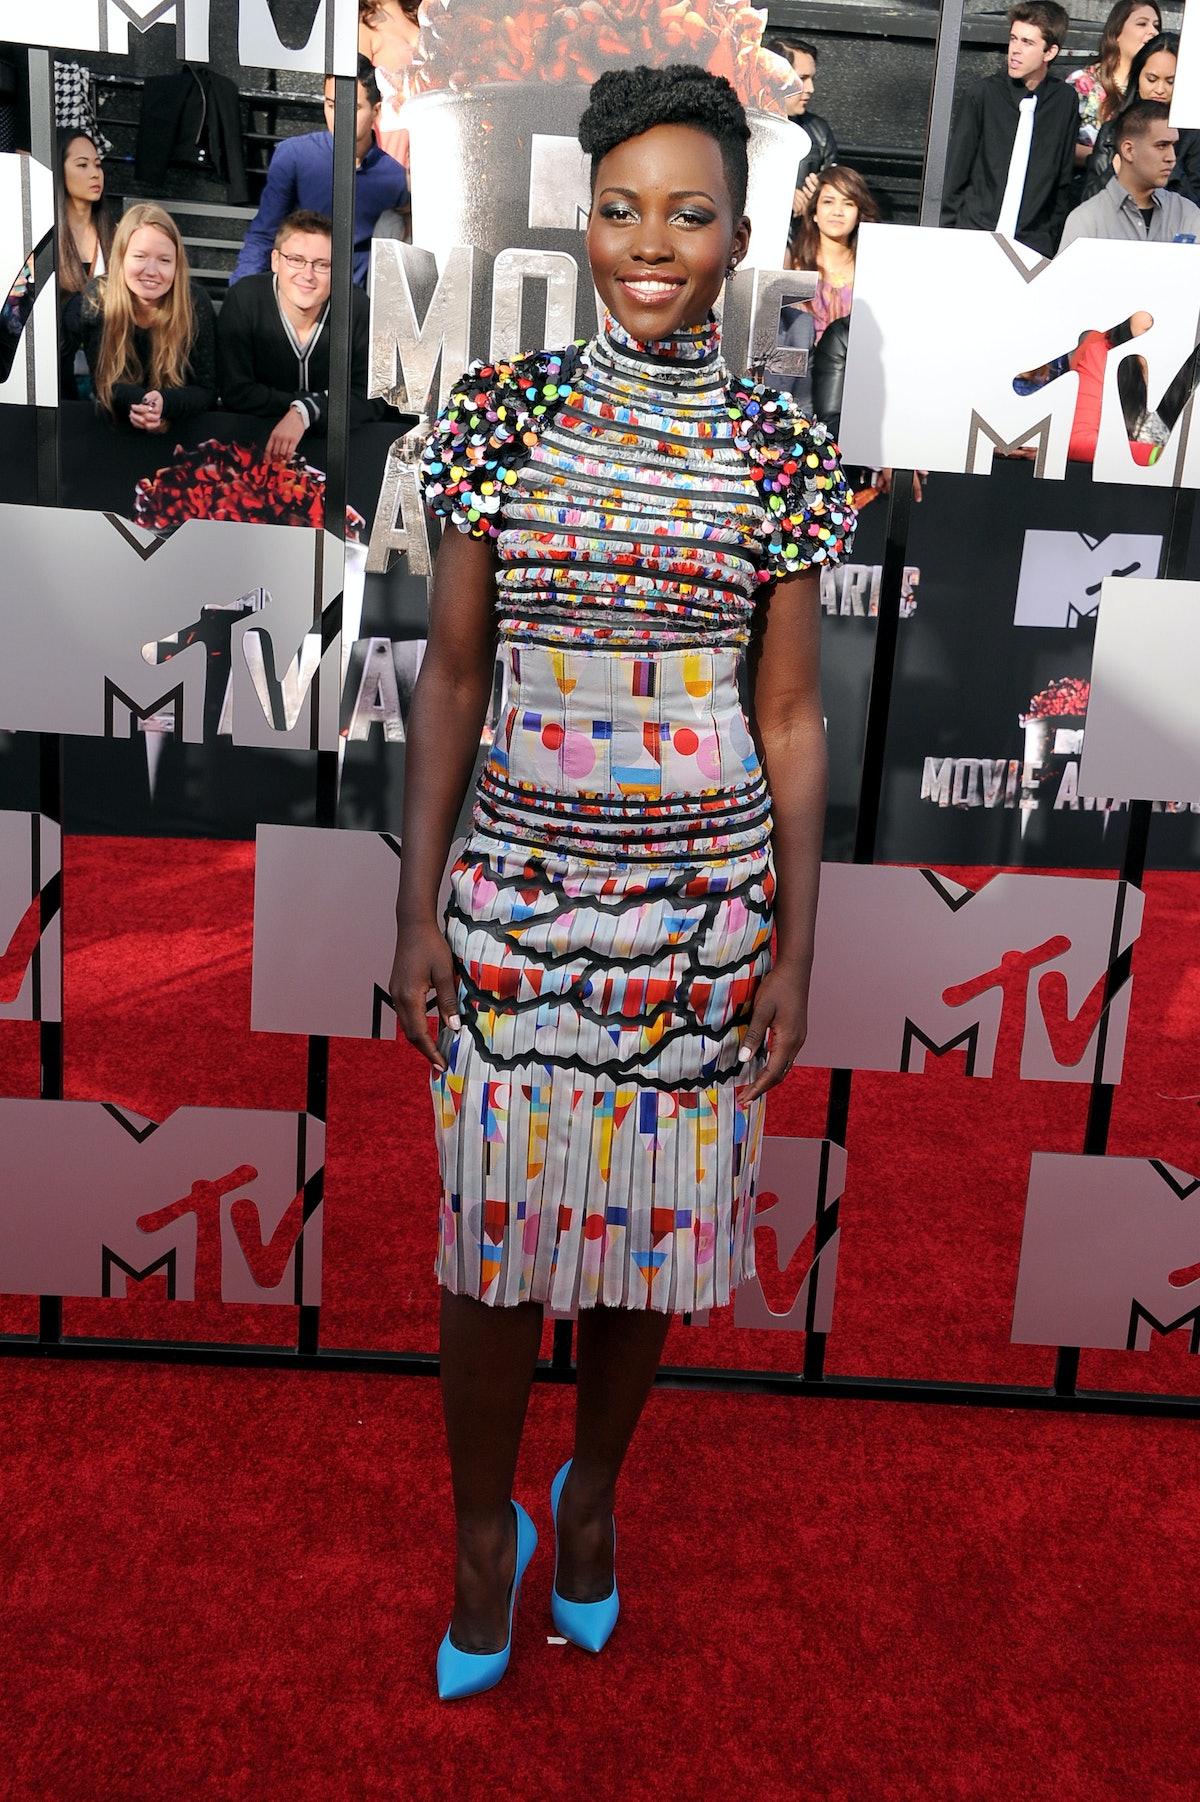 2014 MTV Movie Awards - Arrivals